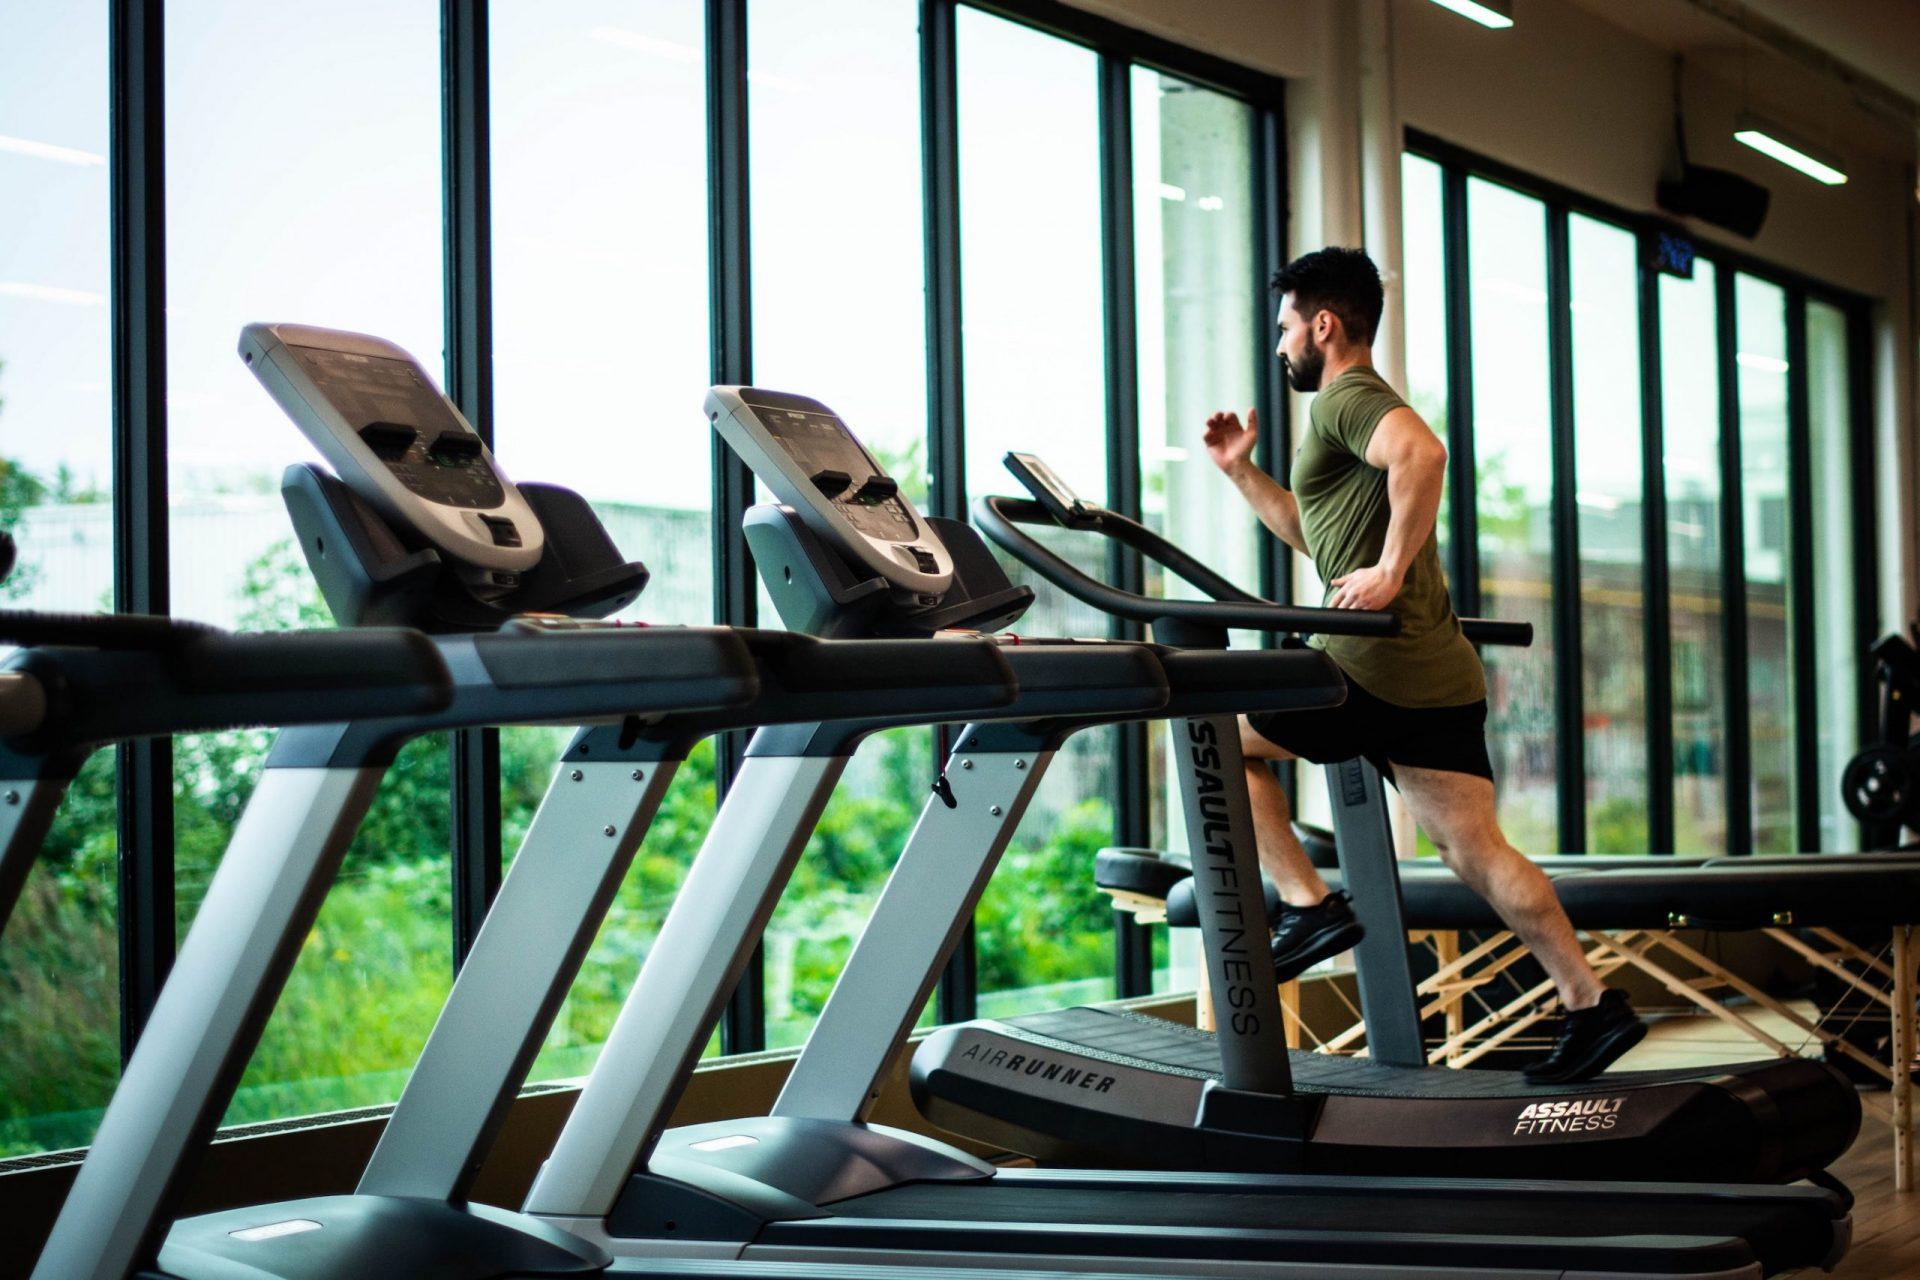 fazer exercicio1 scaled - 10 motivos para praticar exercícios físicos